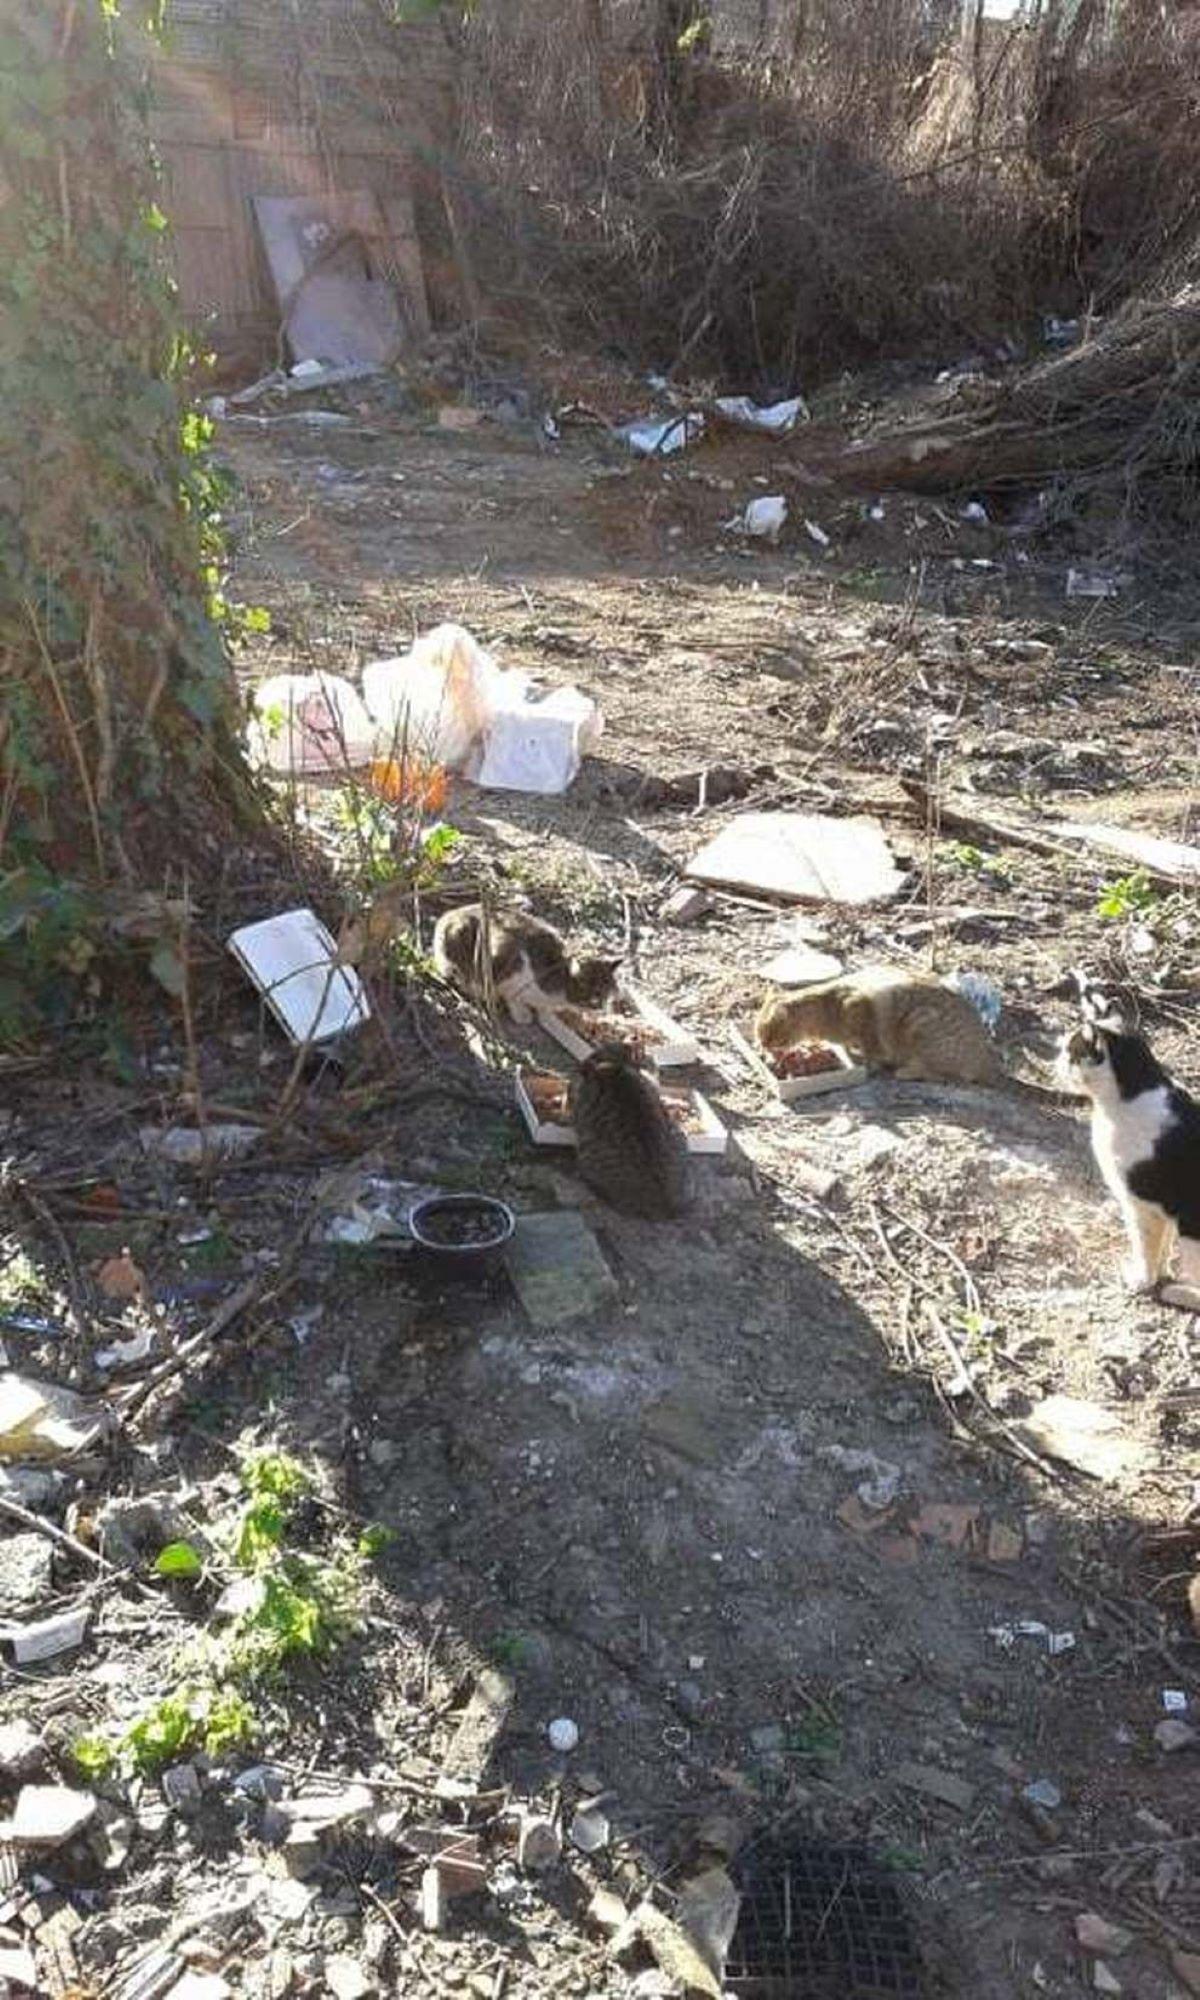 gatti-tra-spazzatura